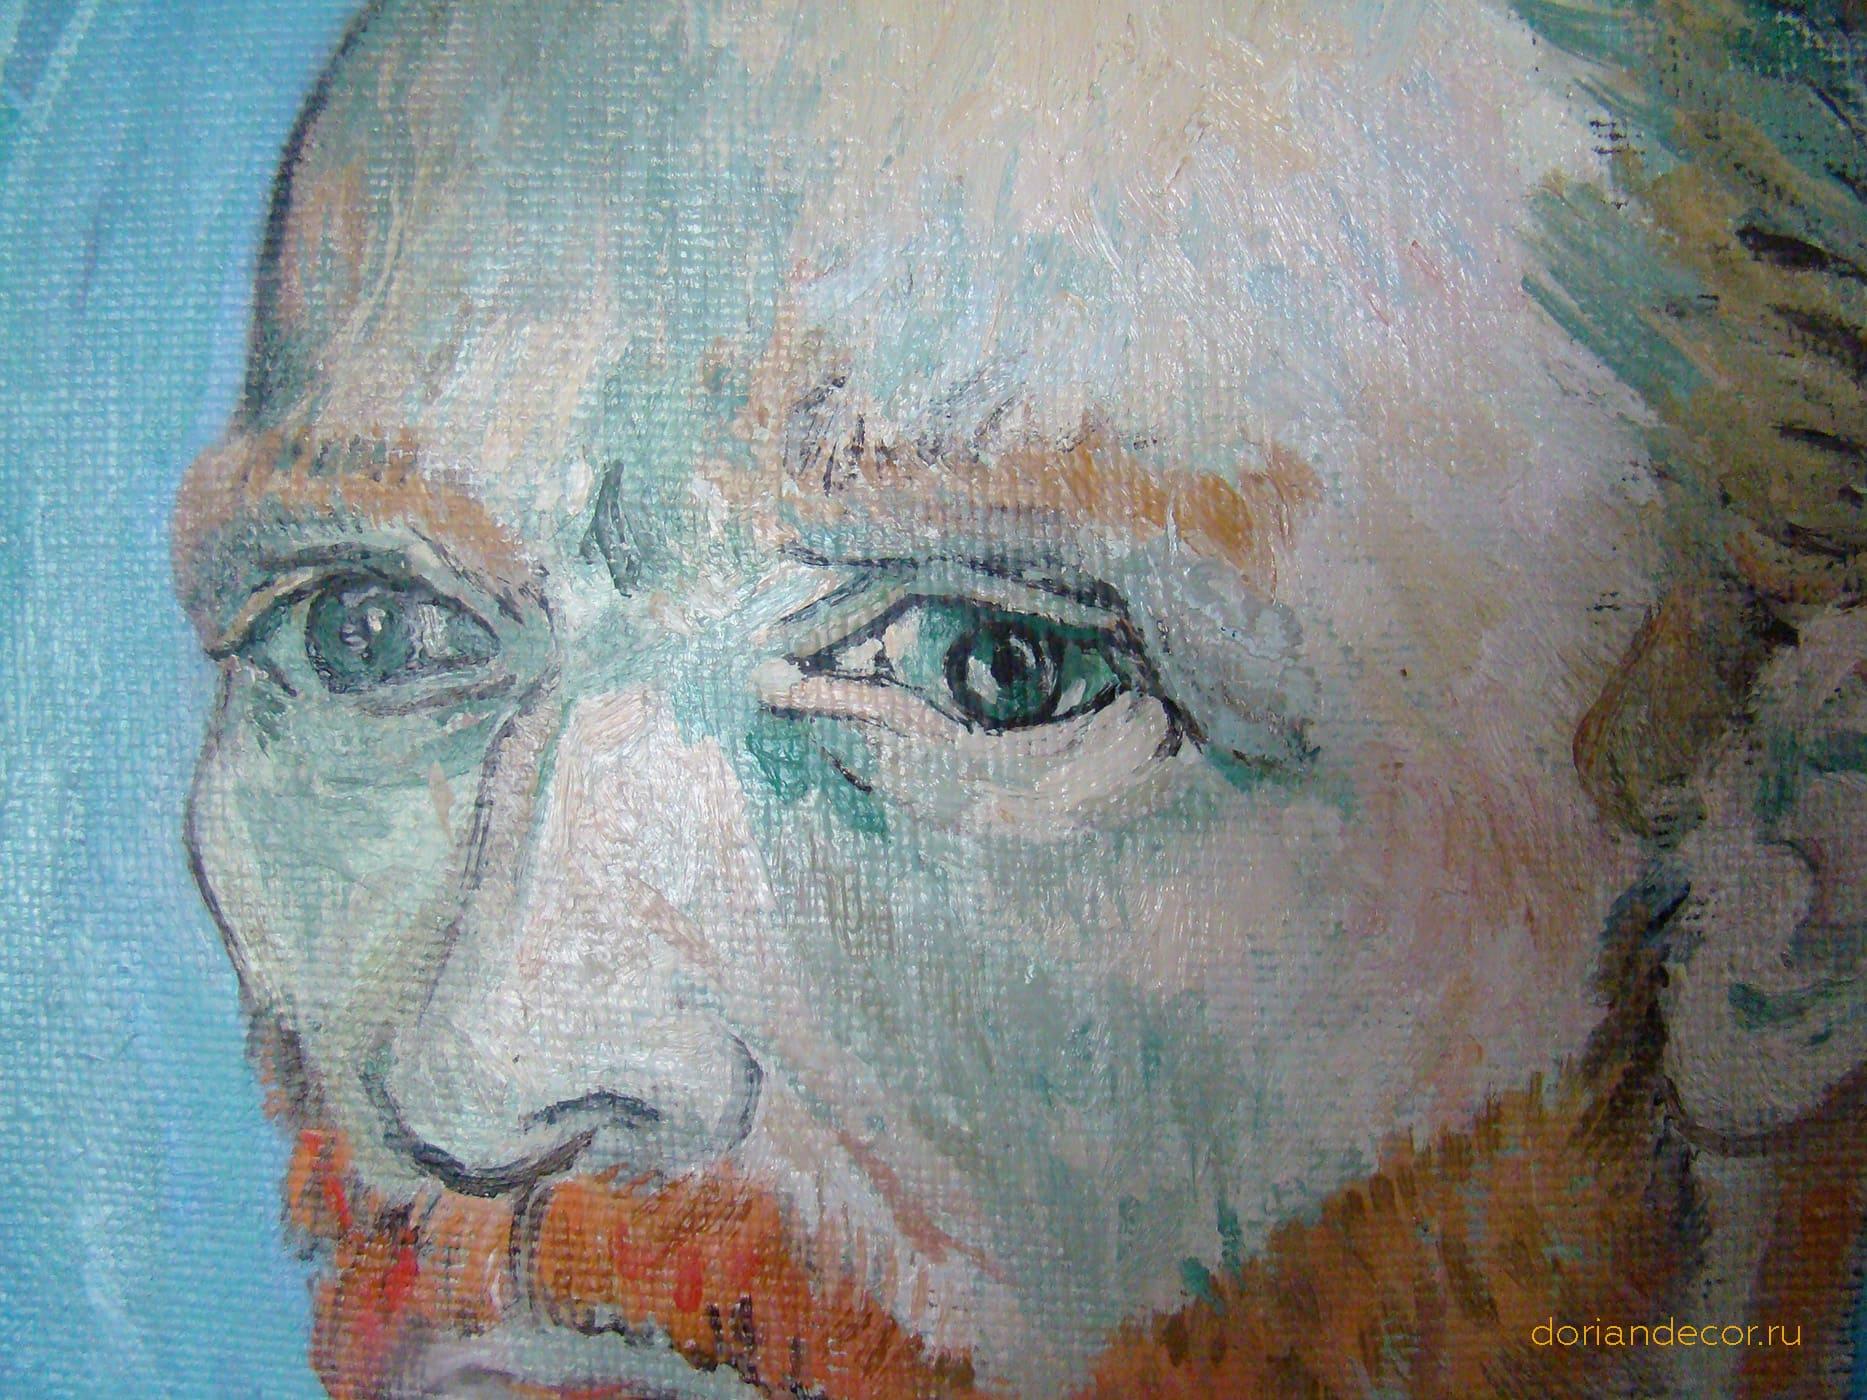 Вячеслав Агалаков - Вольная копия автопортрета Ван Гога (фрагмент)